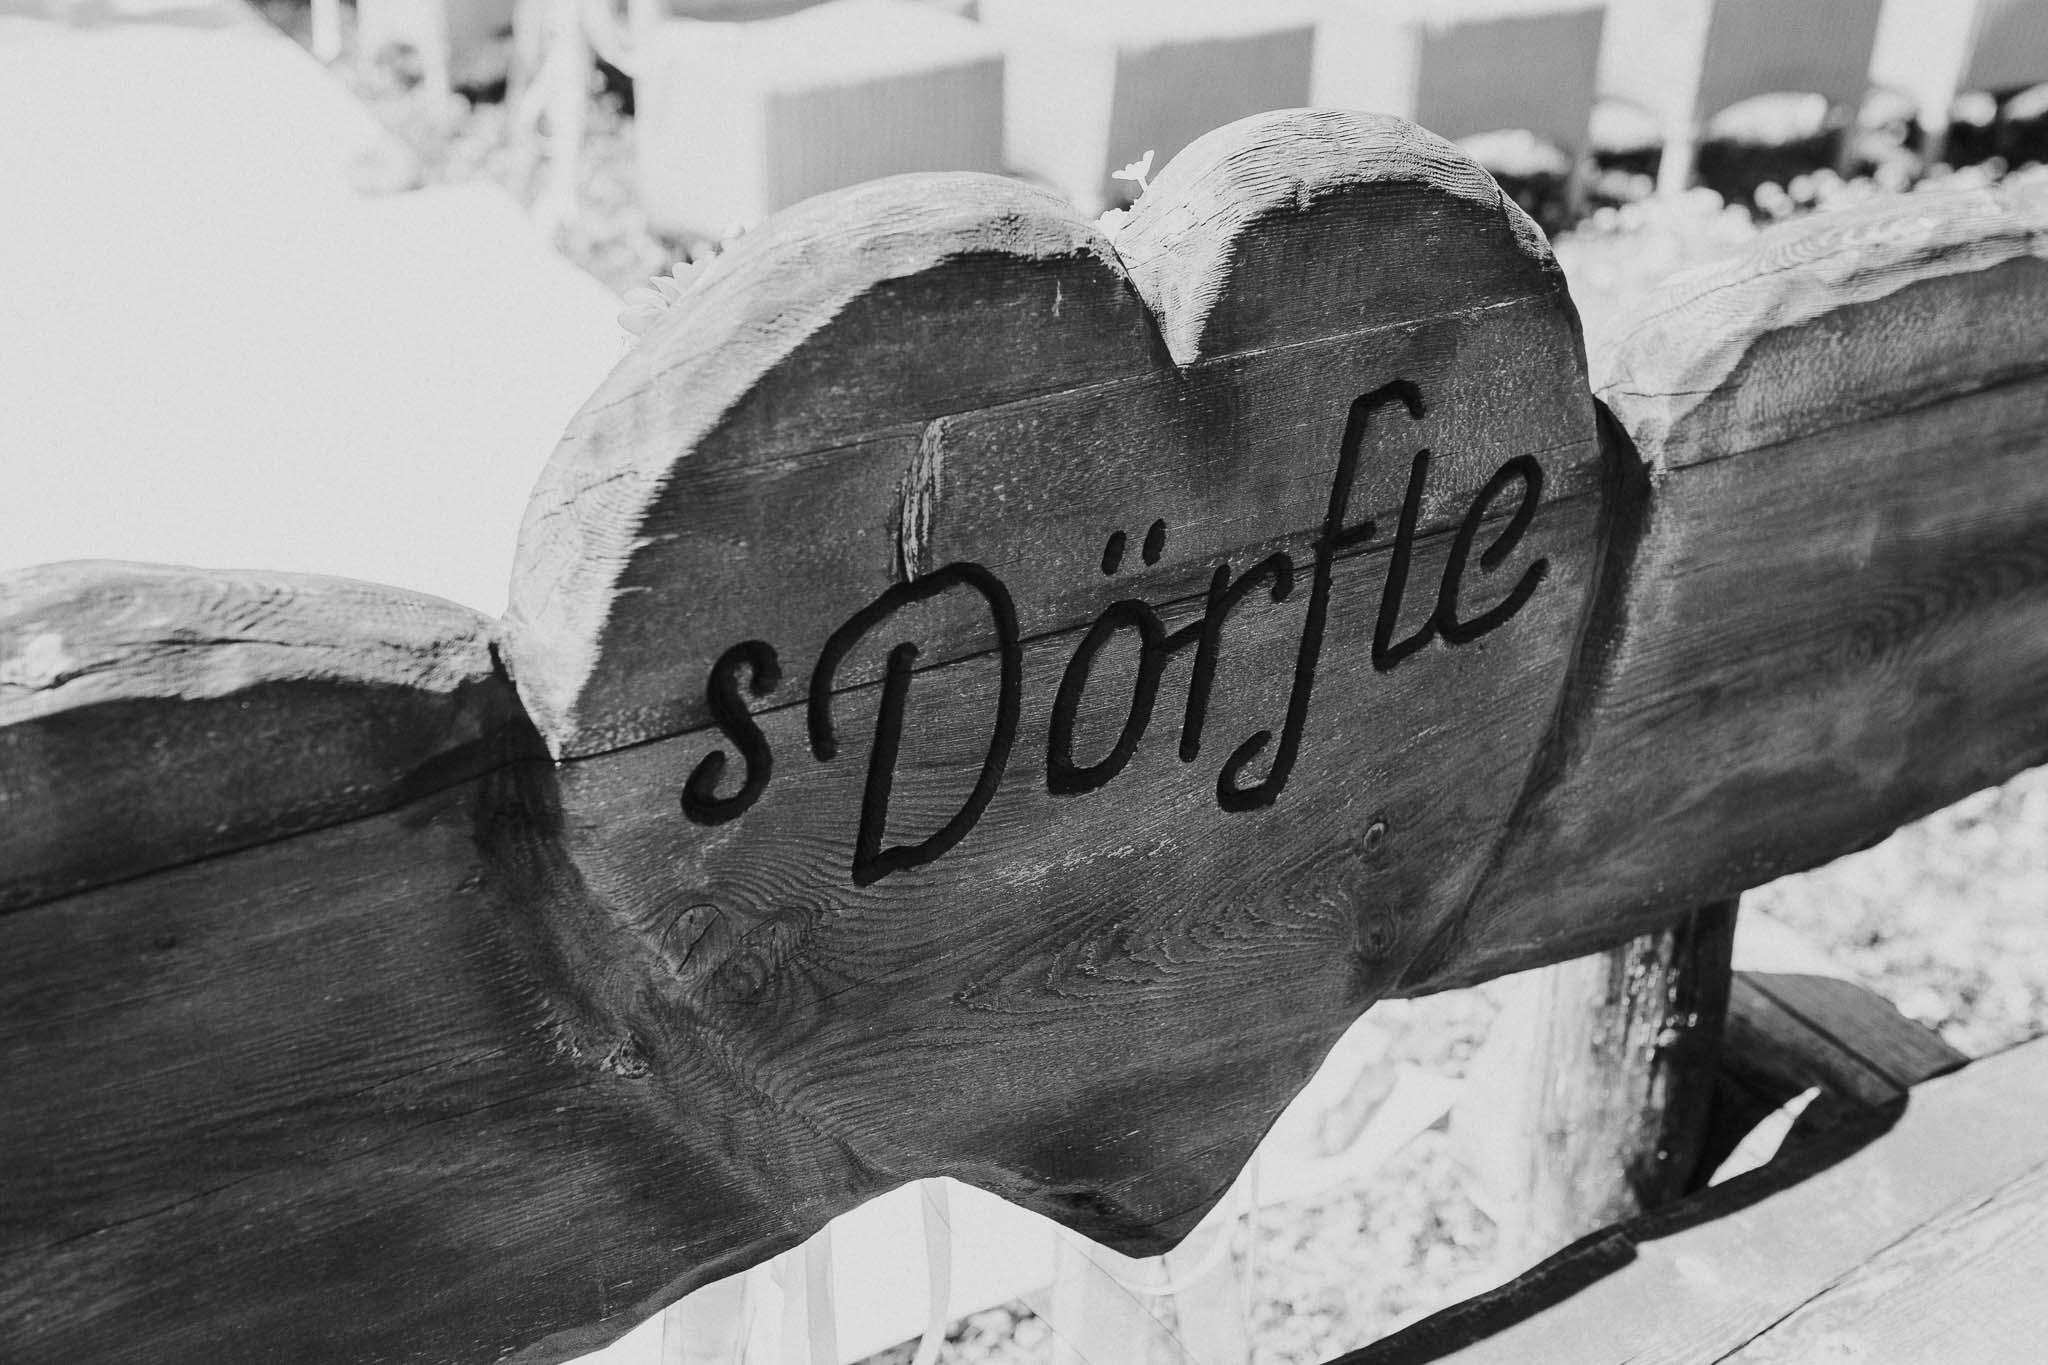 Bild der Inschrift von der Bank auf dem das Brautpaar sitzt